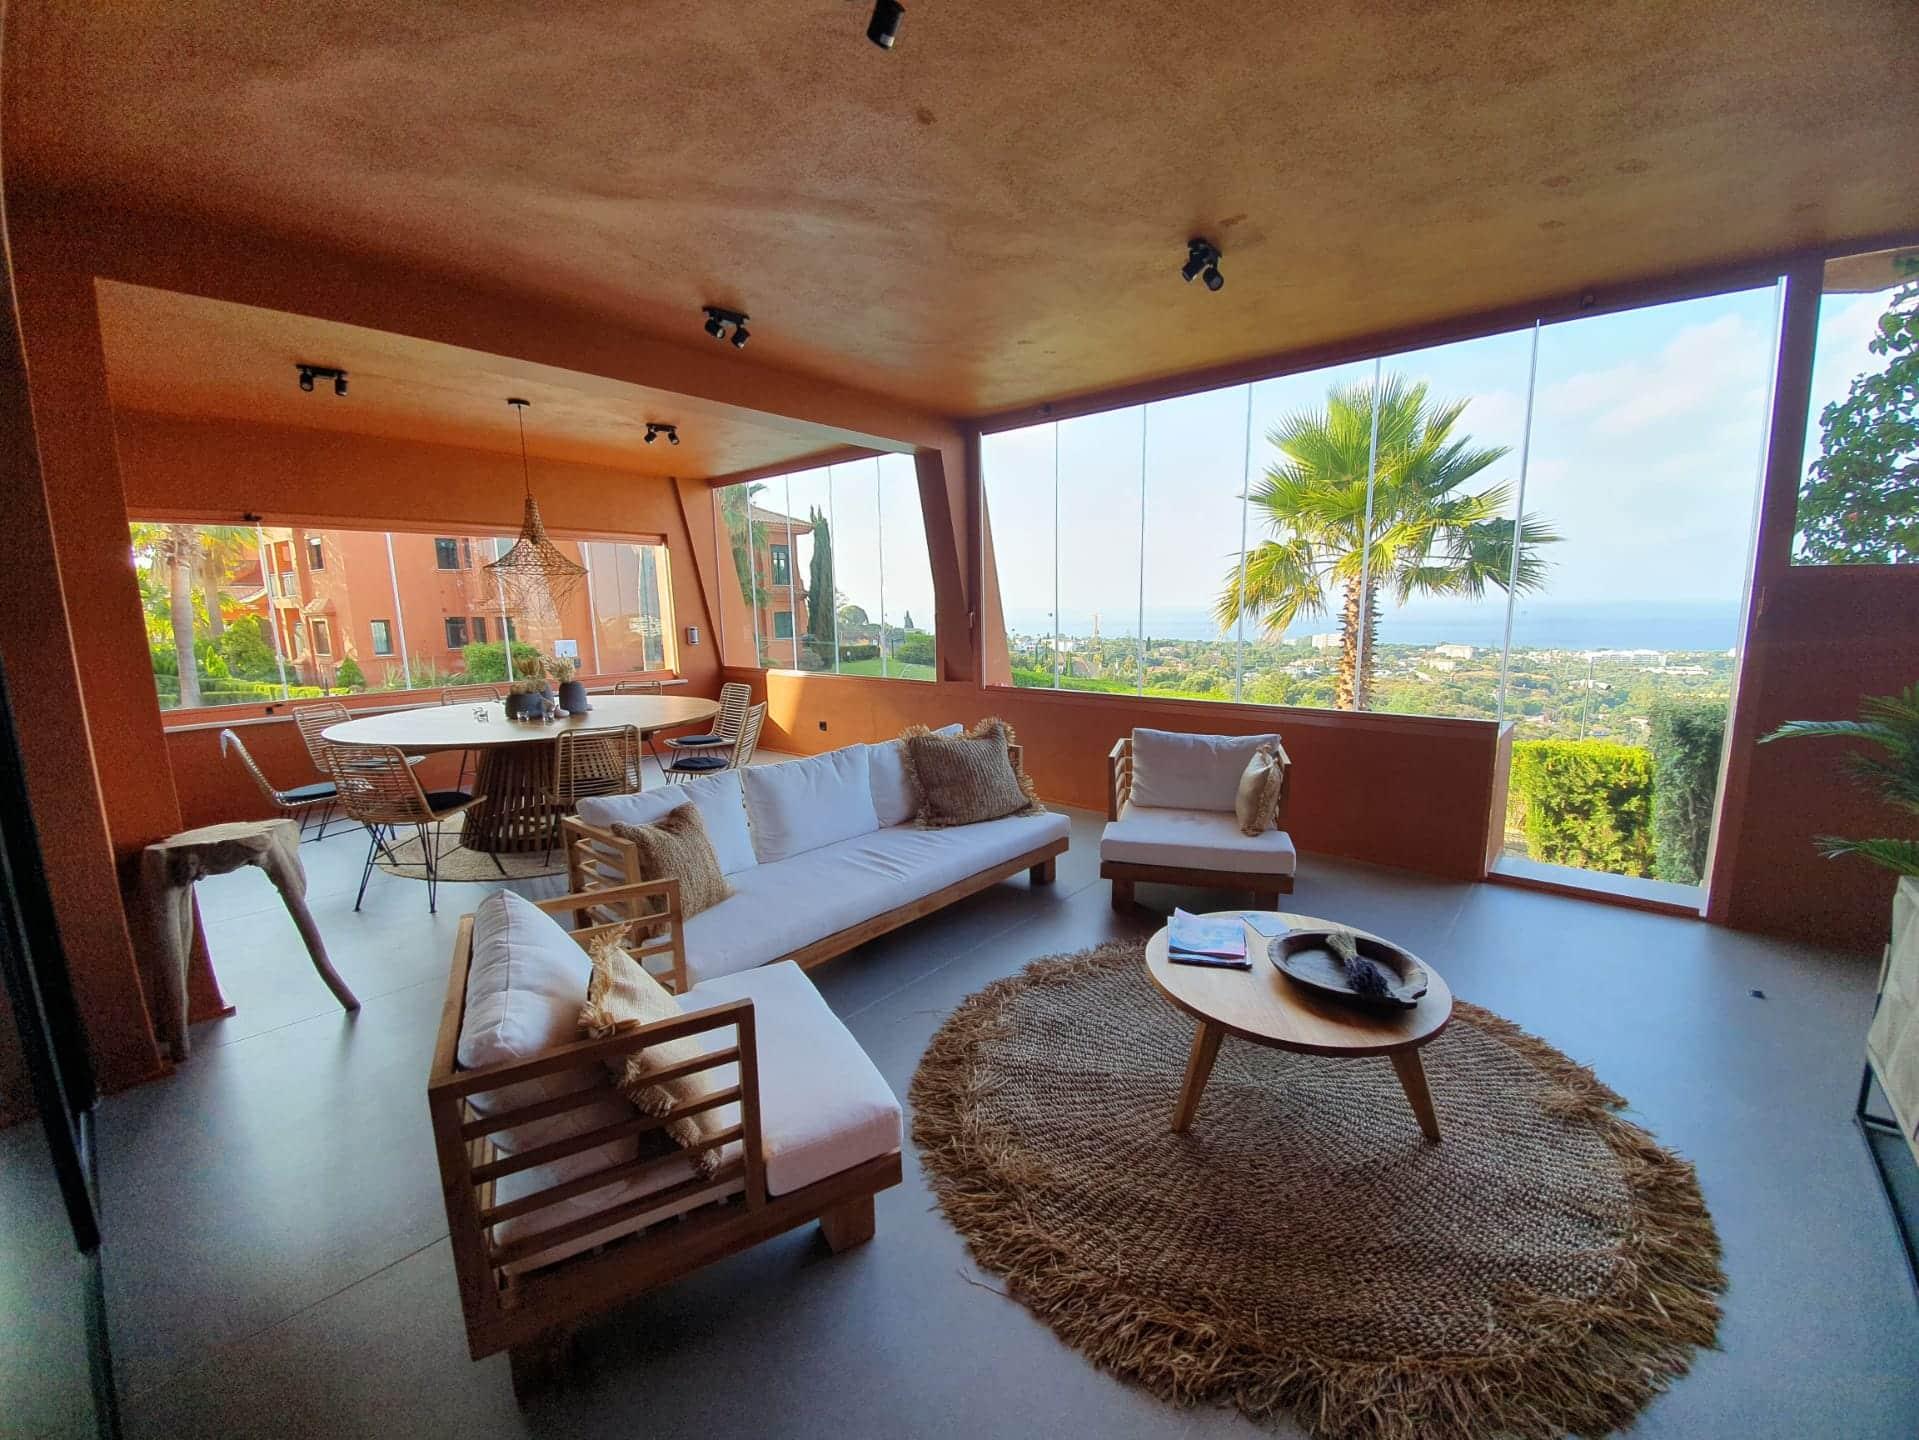 Terraza exterior cubierta y cerrada con cortina de vidrio reforma piso Marbella, decoración ibizenca